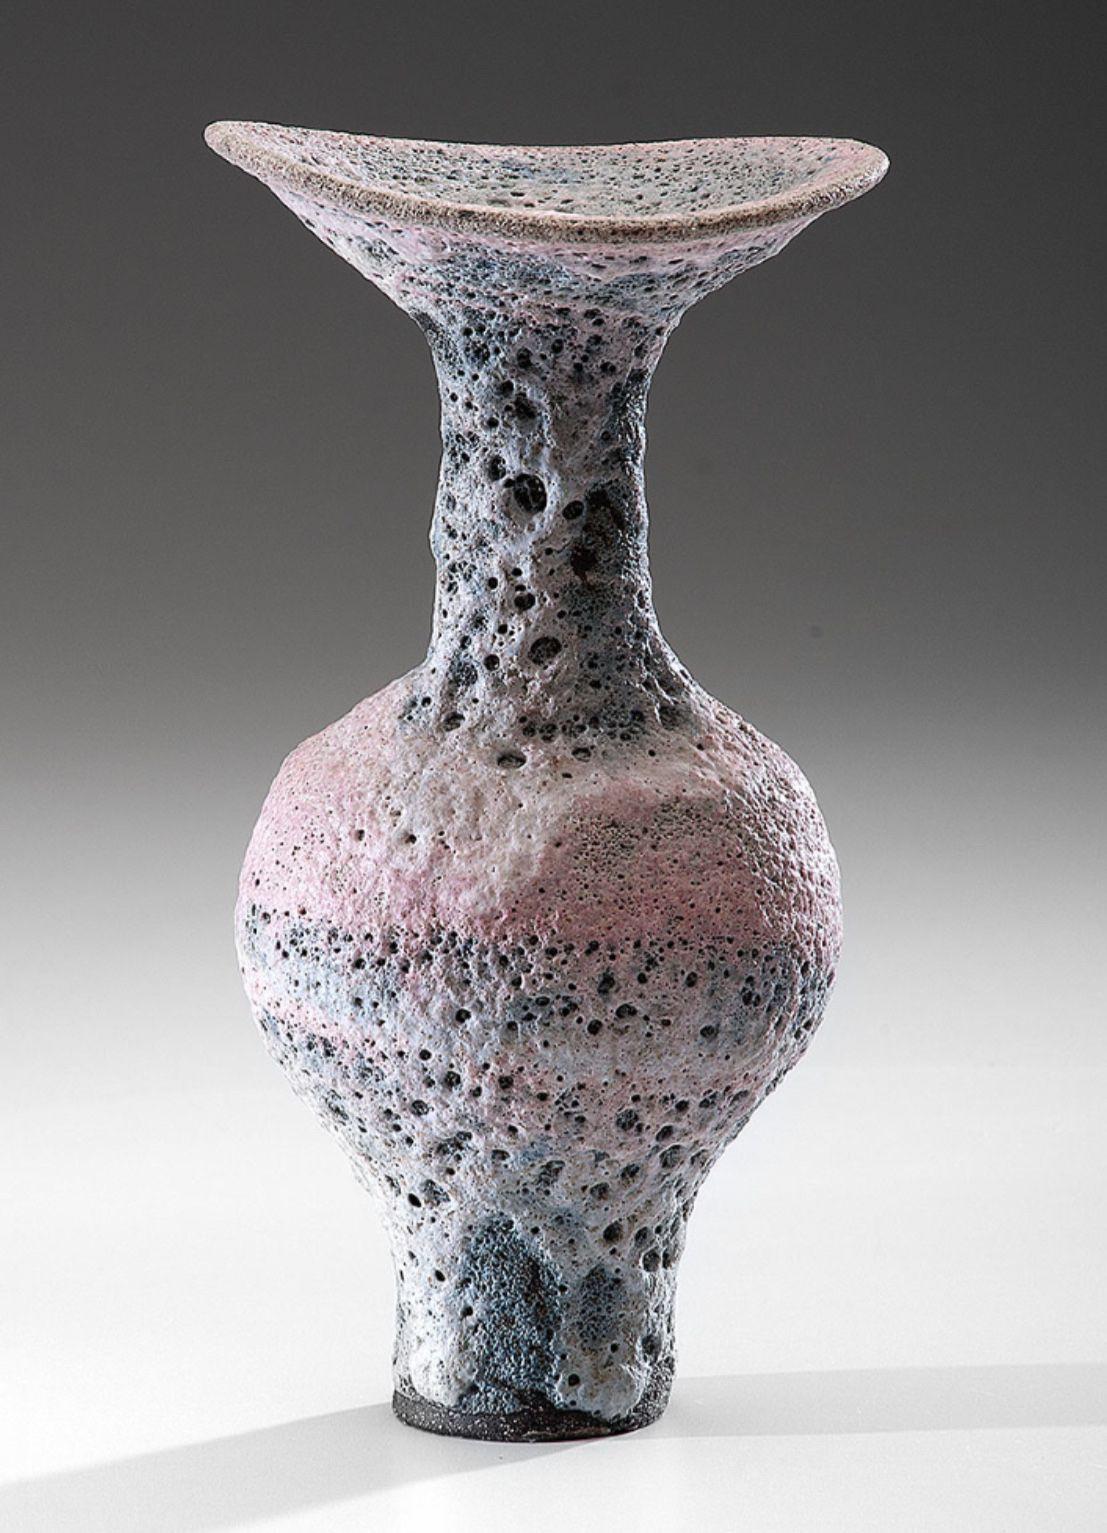 roseville vase patterns of clay vase designs image s s media cache ak0 pinimg originals 33 0d for clay vase designs image s s media cache ak0 pinimg originals 33 0d 06